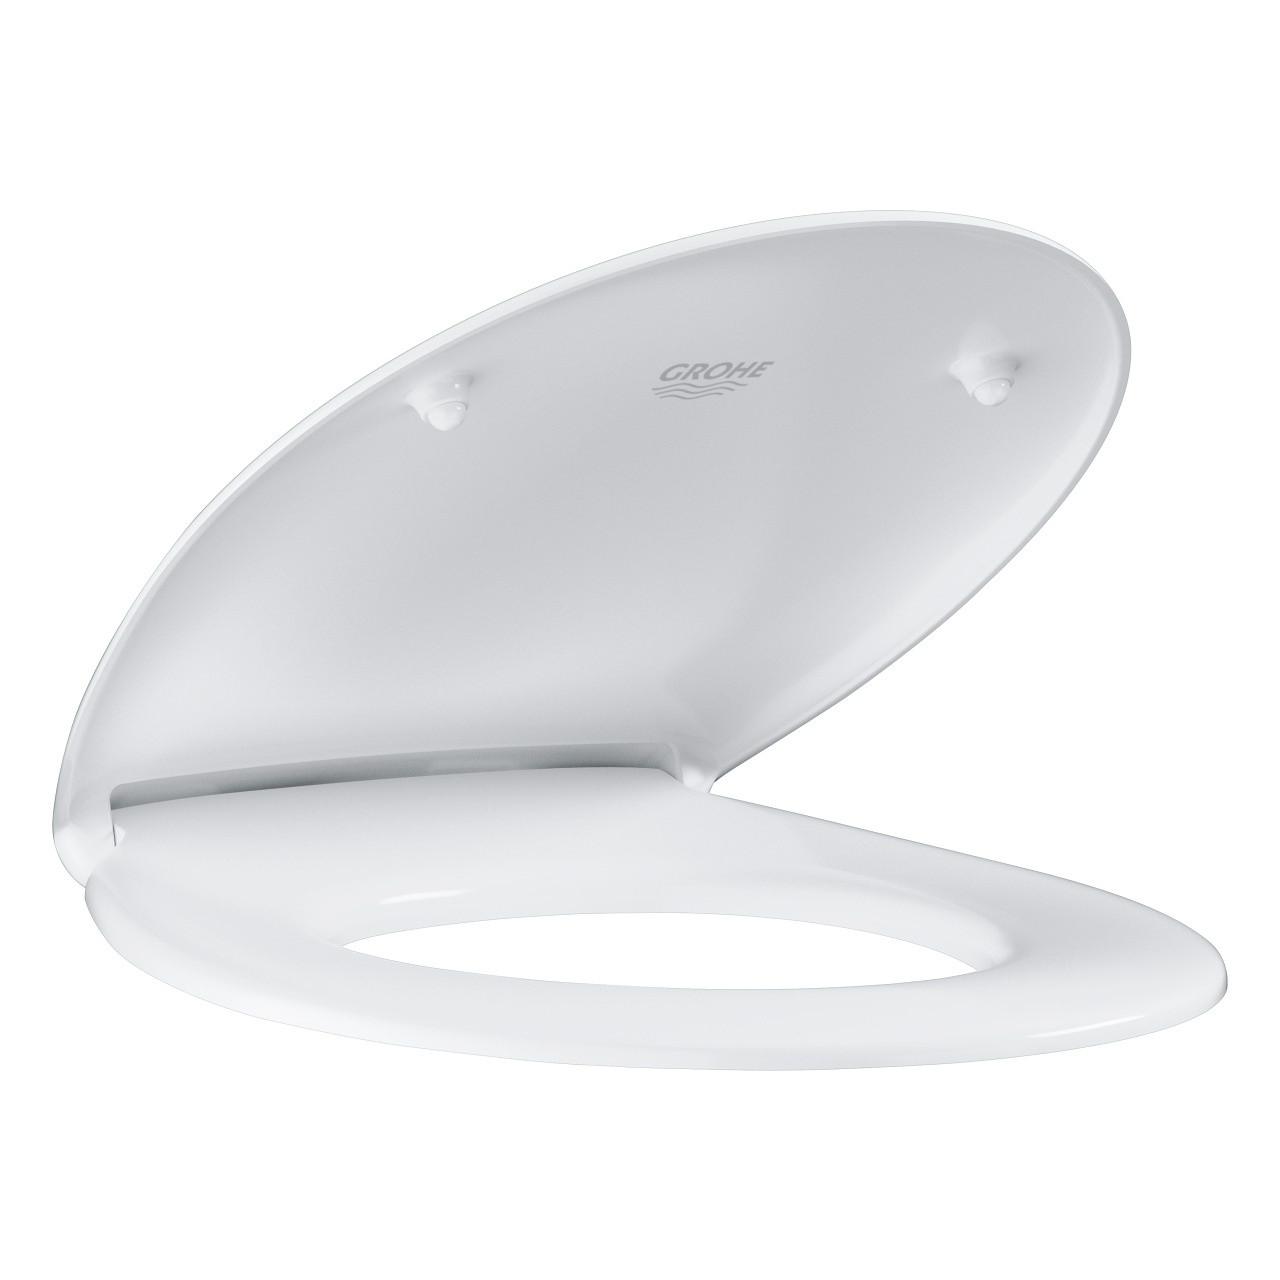 GROHE Сиденье для унитаза Bau Ceramic (с микролифтом), альпин-белый (39493000)